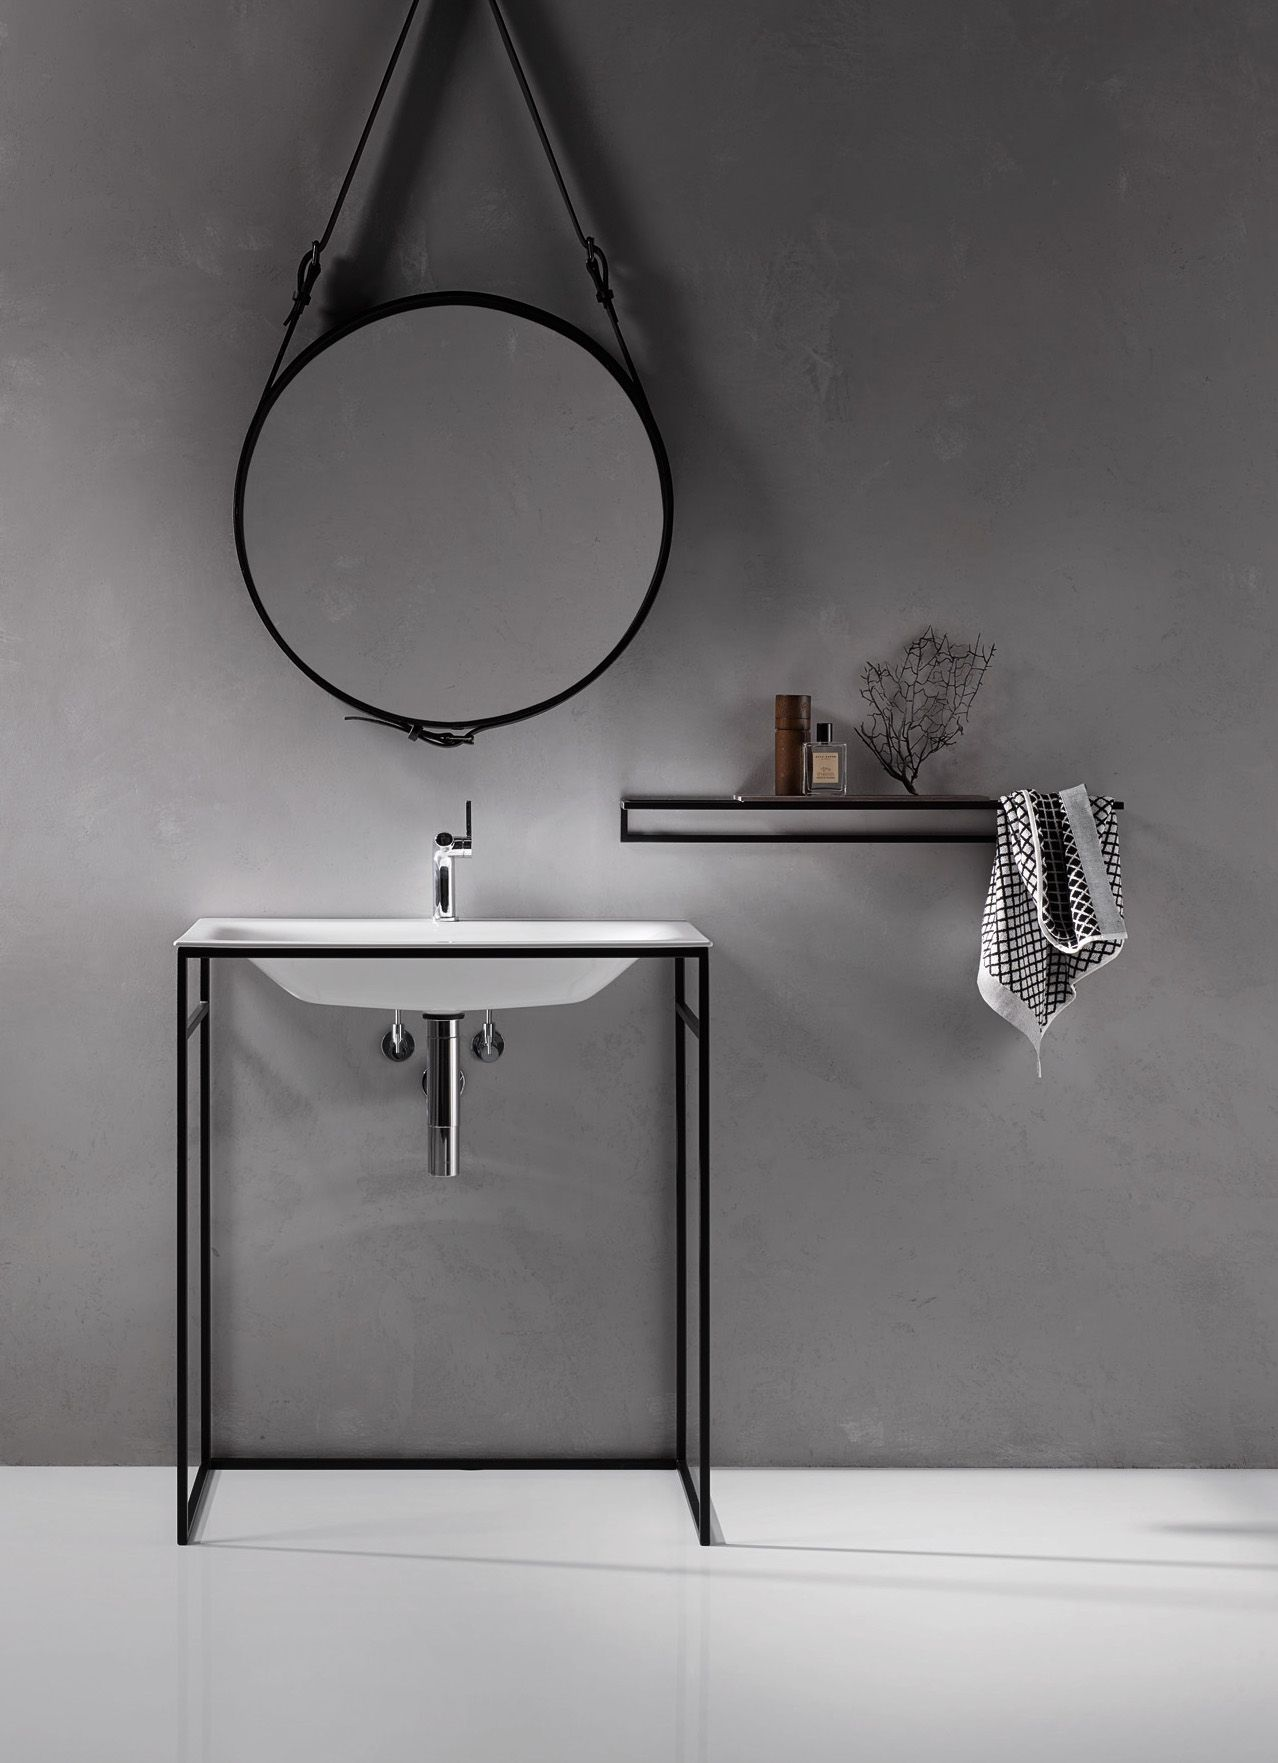 Bette Lux Shape Einbau Waschtisch F R Waschtisch Gestell Ohne Hahnloch A170 600 X 495 Mm Waschtisch Bad Styling Badezimmer Einrichtung